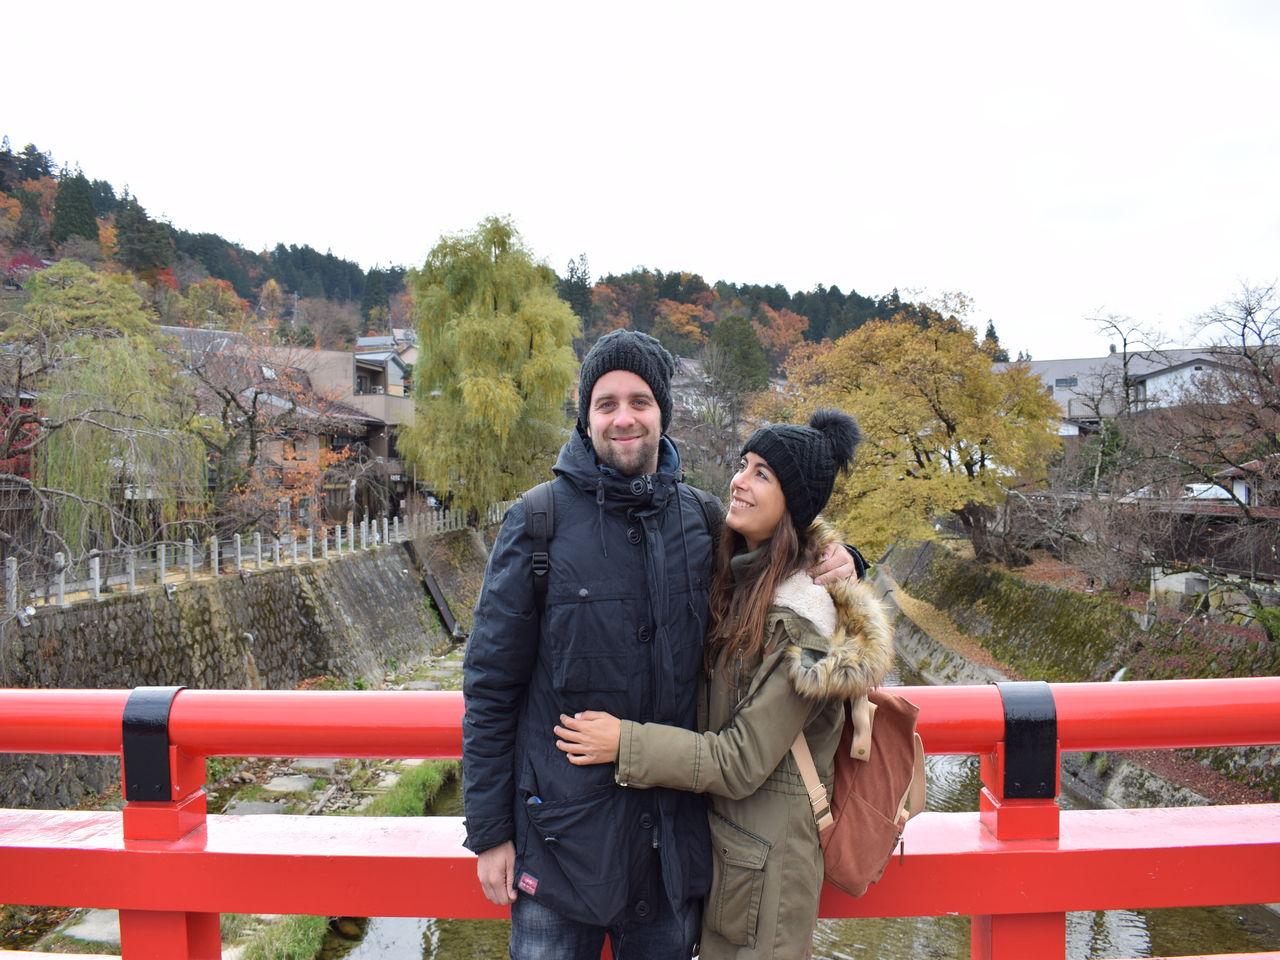 Andrea y Roger, de travelleating, en Takayama, Japón.